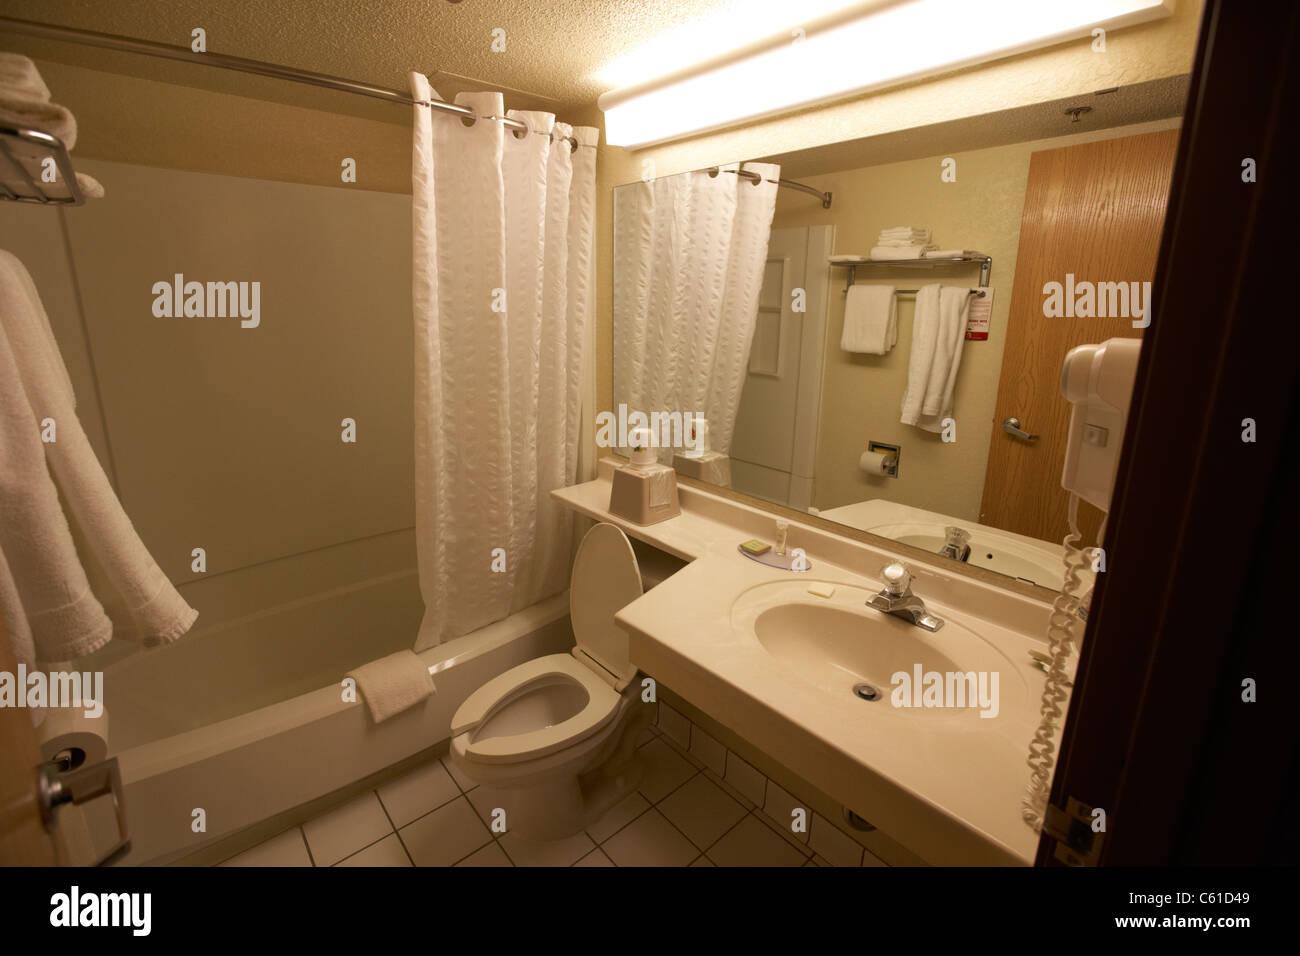 Economici hotel motel stanza da bagno negli Stati Uniti Immagini Stock